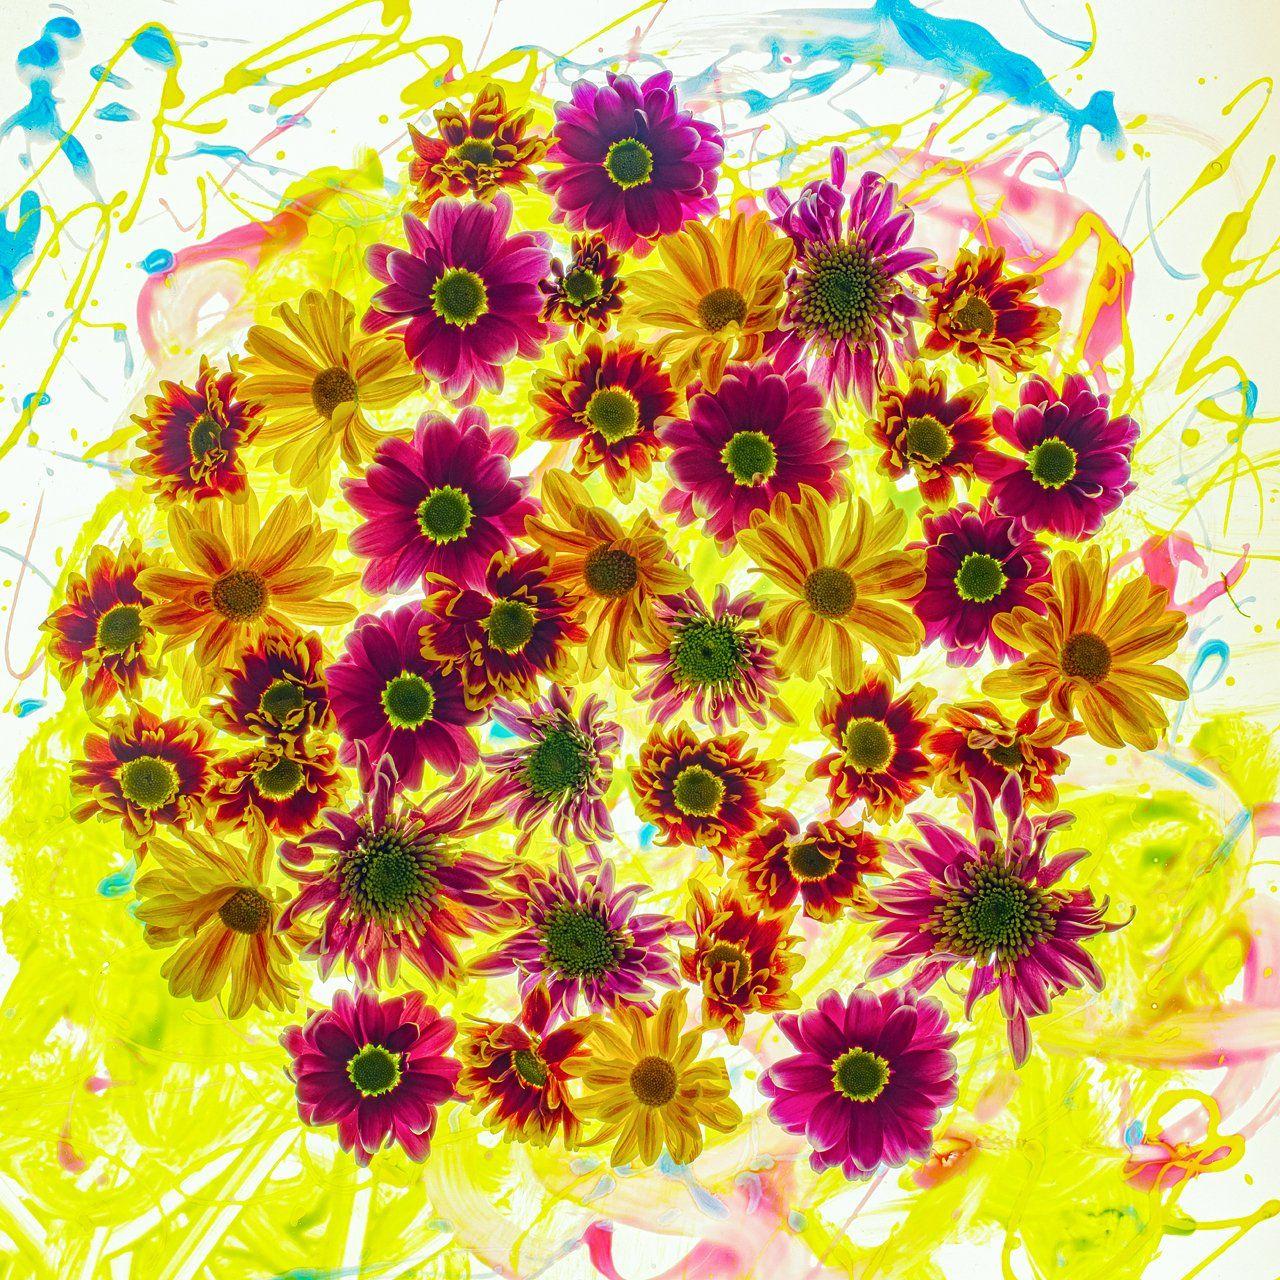 цветы,цветок,макро,хризантема,боке, Александр Иванов